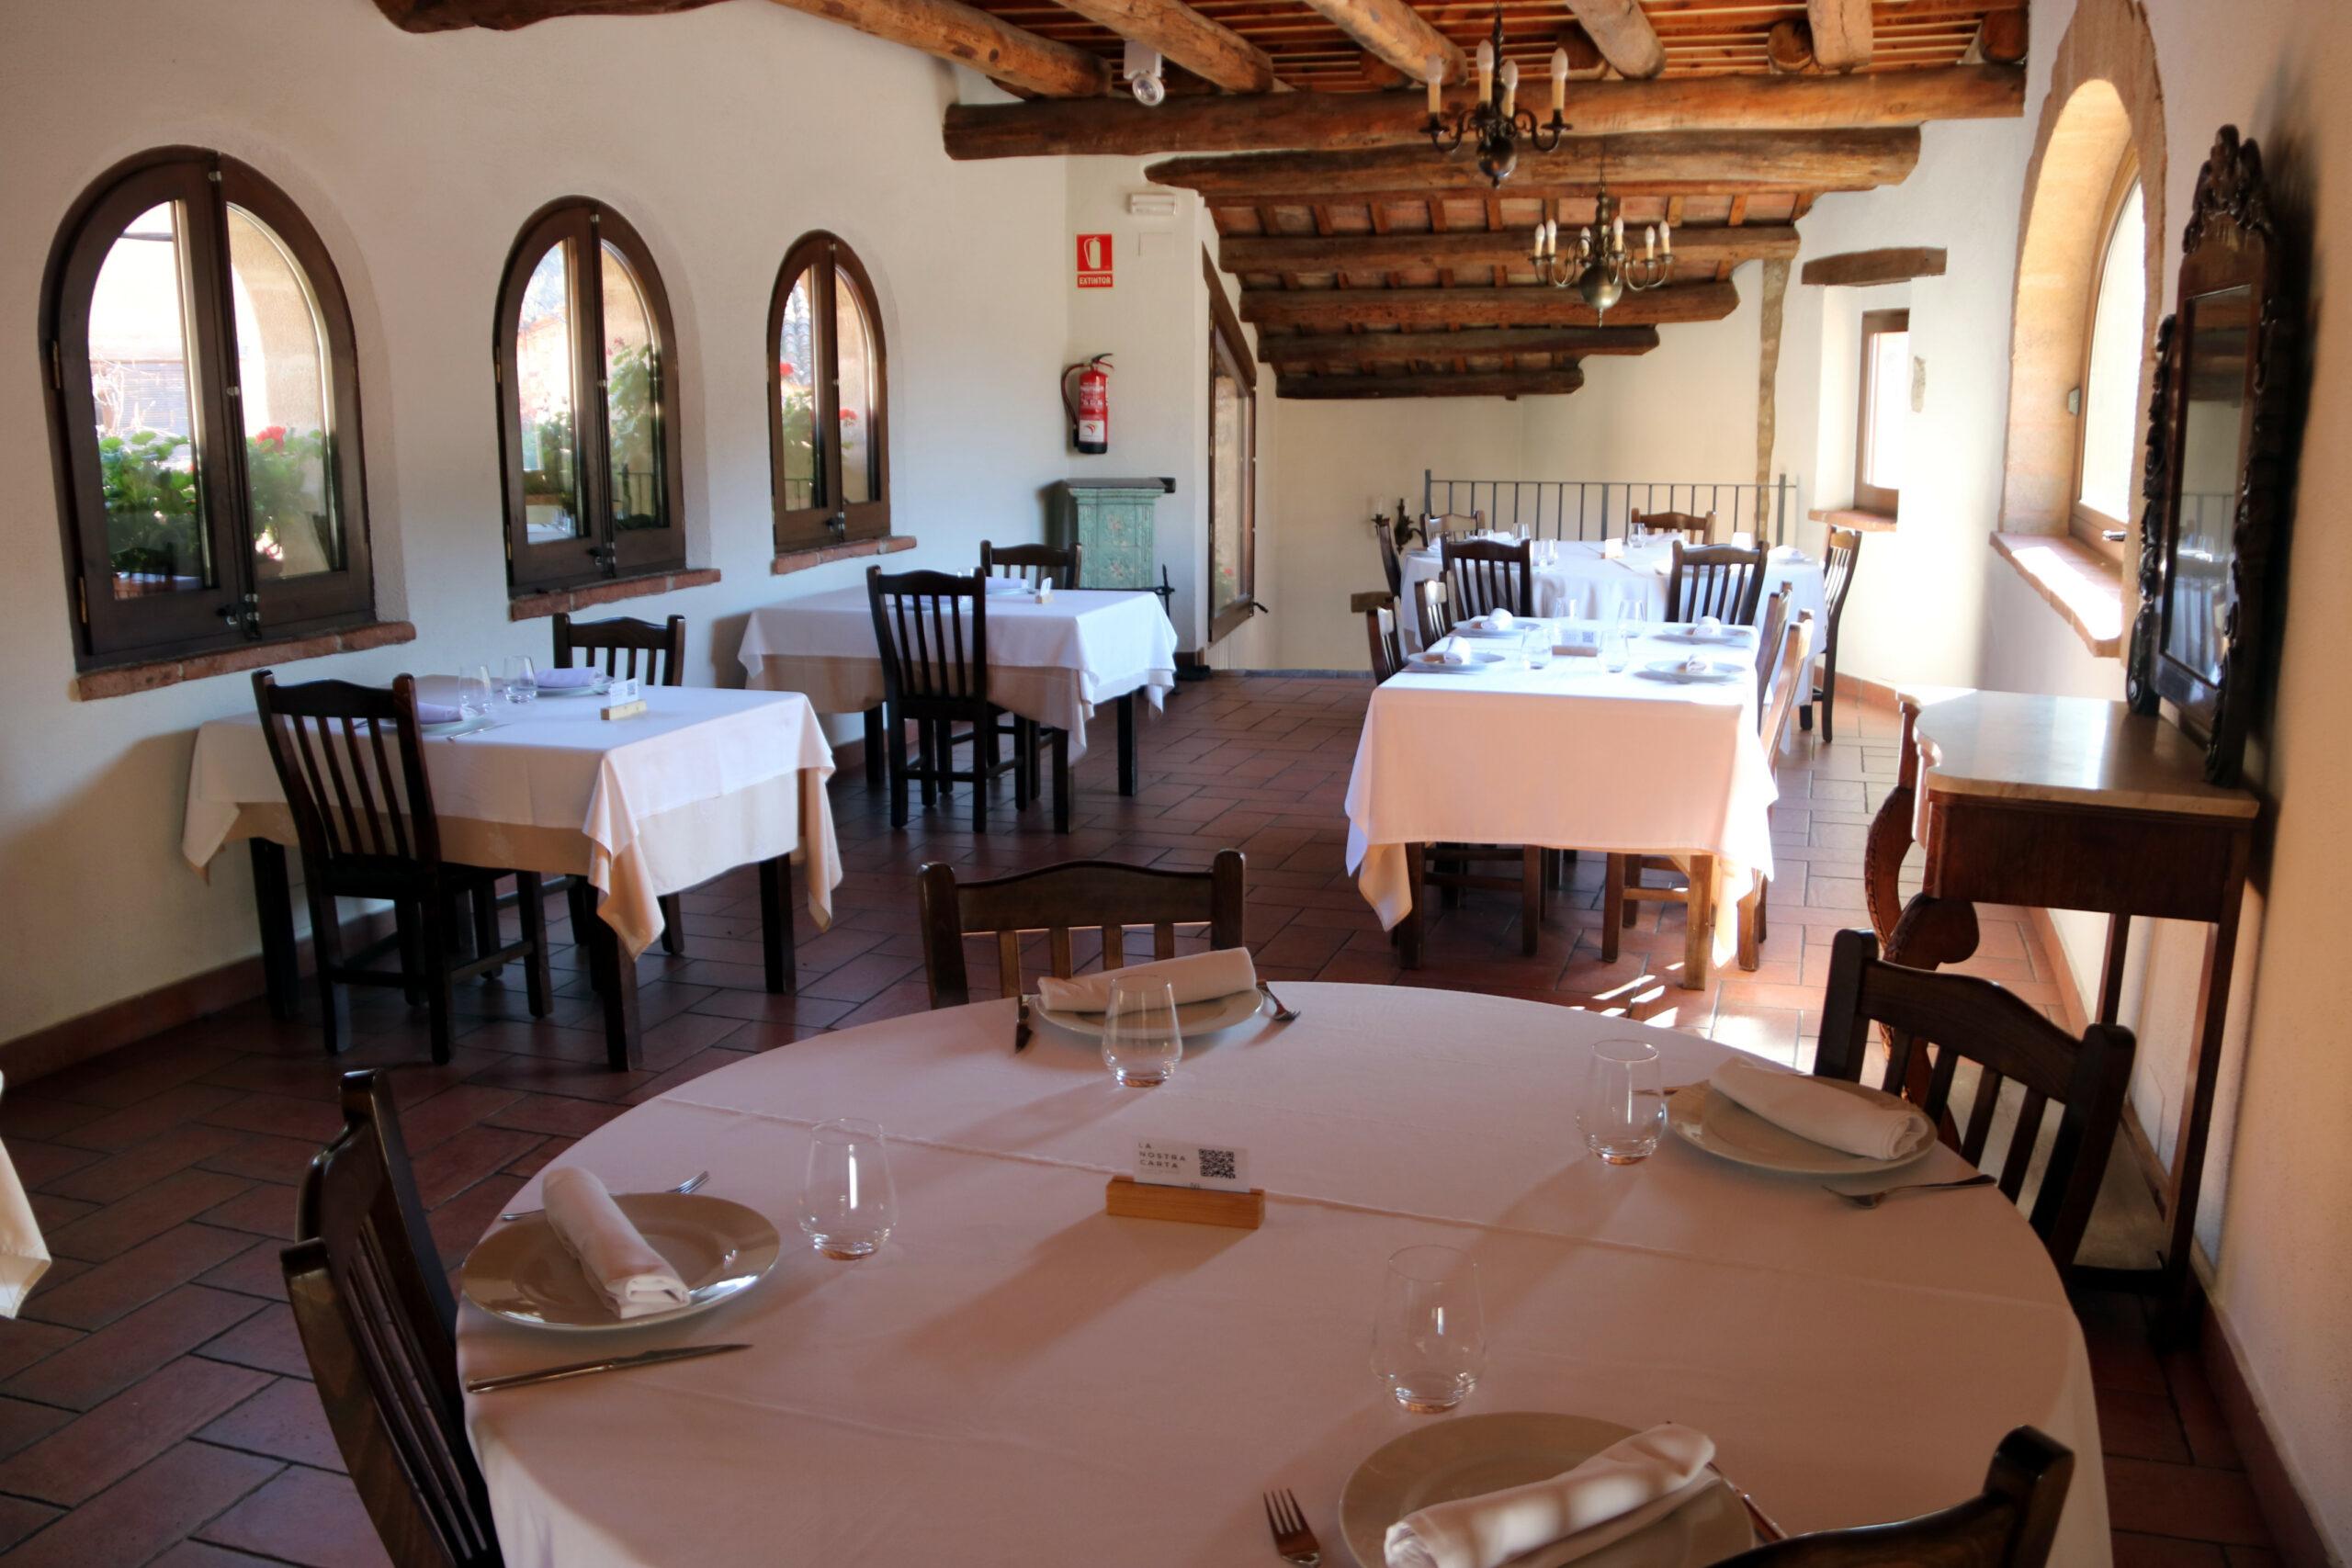 L'interior del restaurant de Cal Carter, a Mura (Bages) | ACN